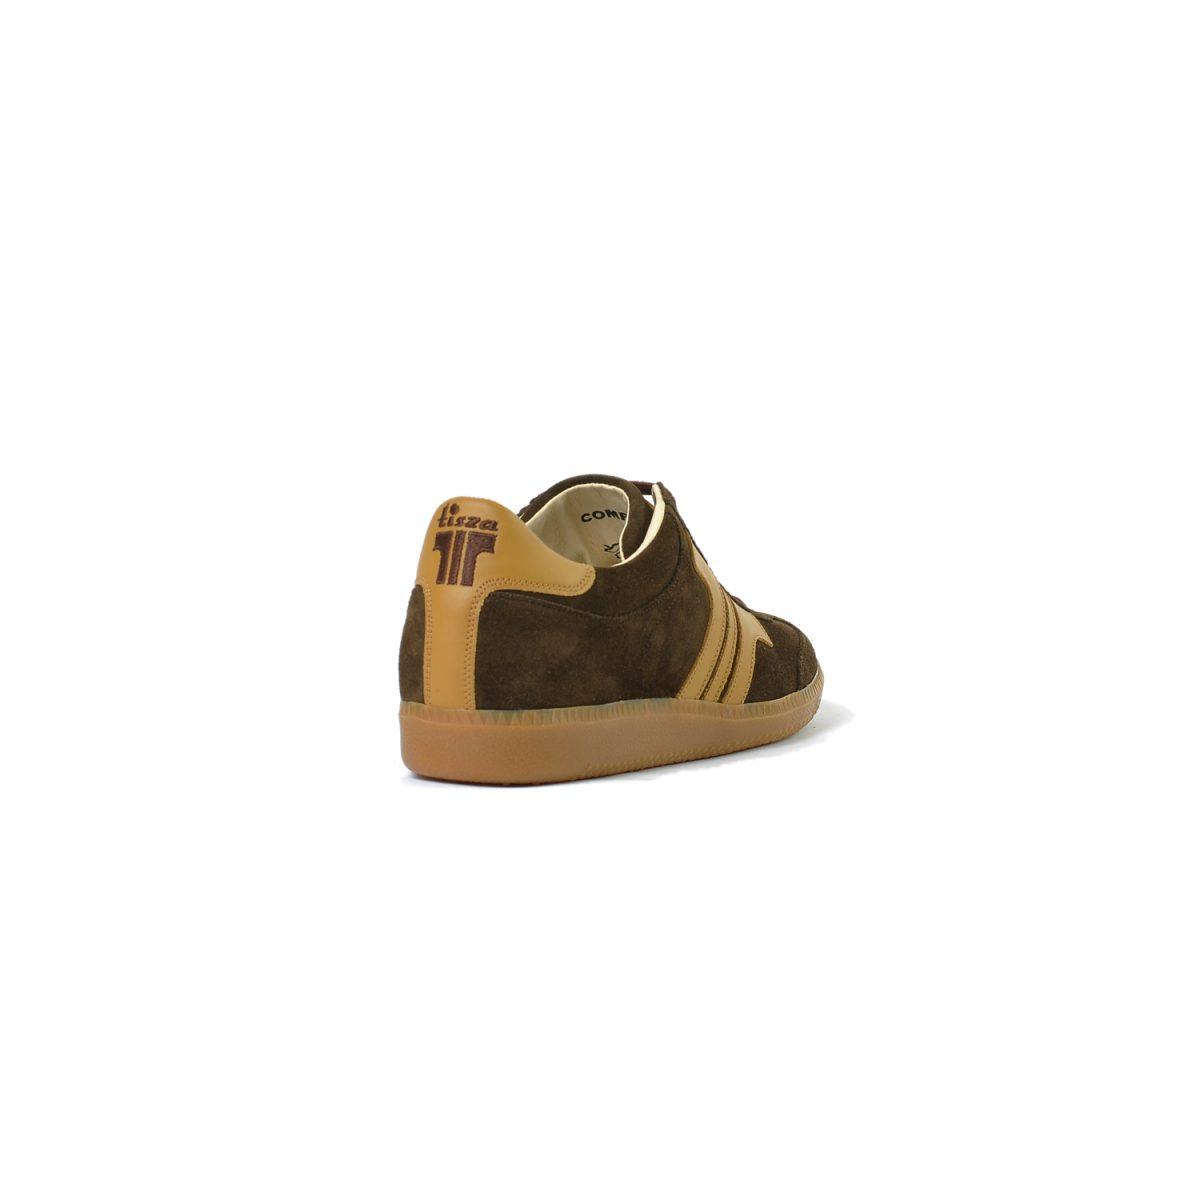 Tisza cipő - Compakt - Barna-bézs velúr